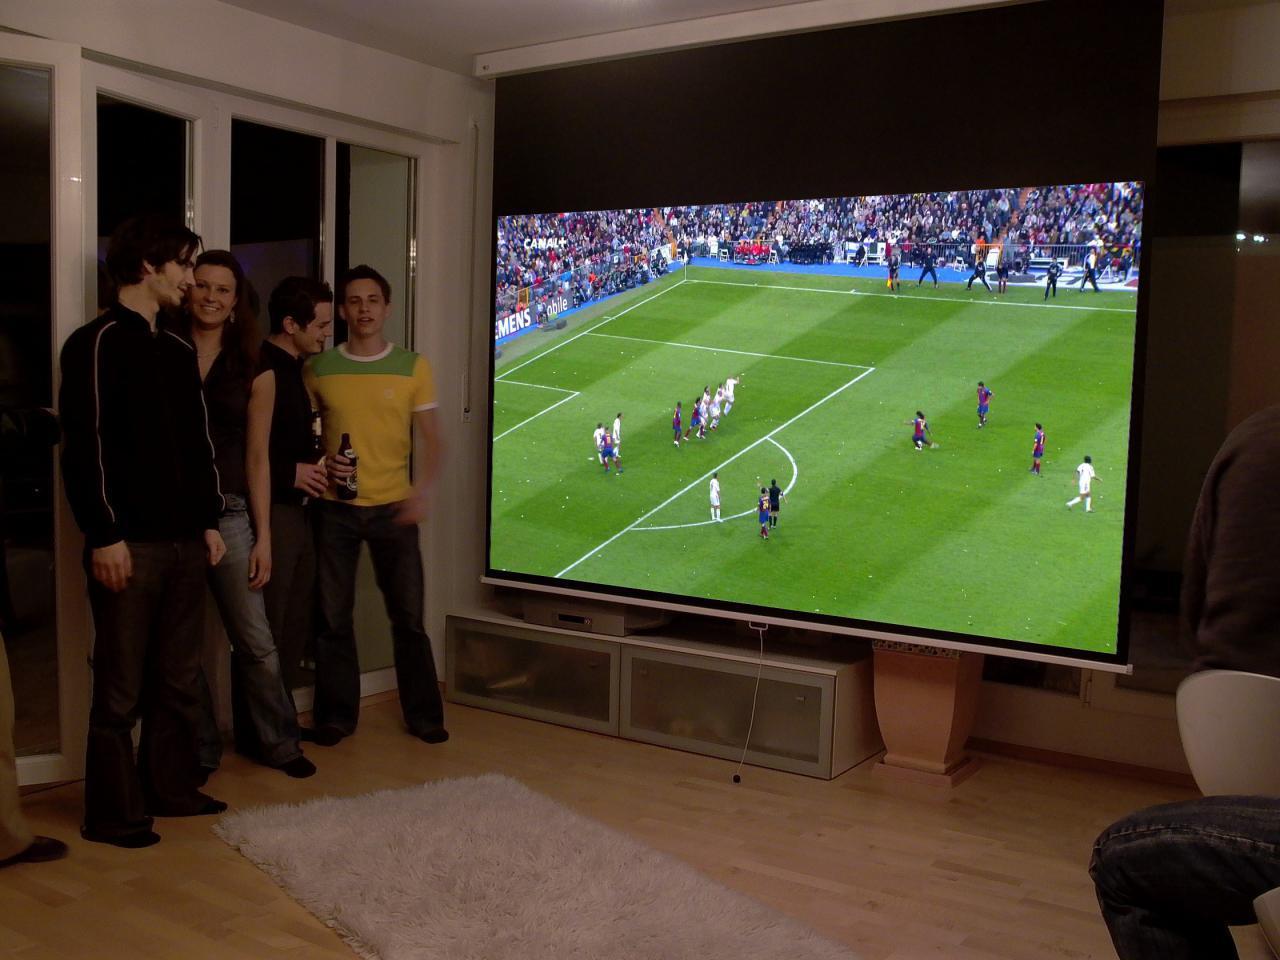 leinwand vs wand  so verbessern sie die bildqualität ~ Fernseher In Wand Versenken